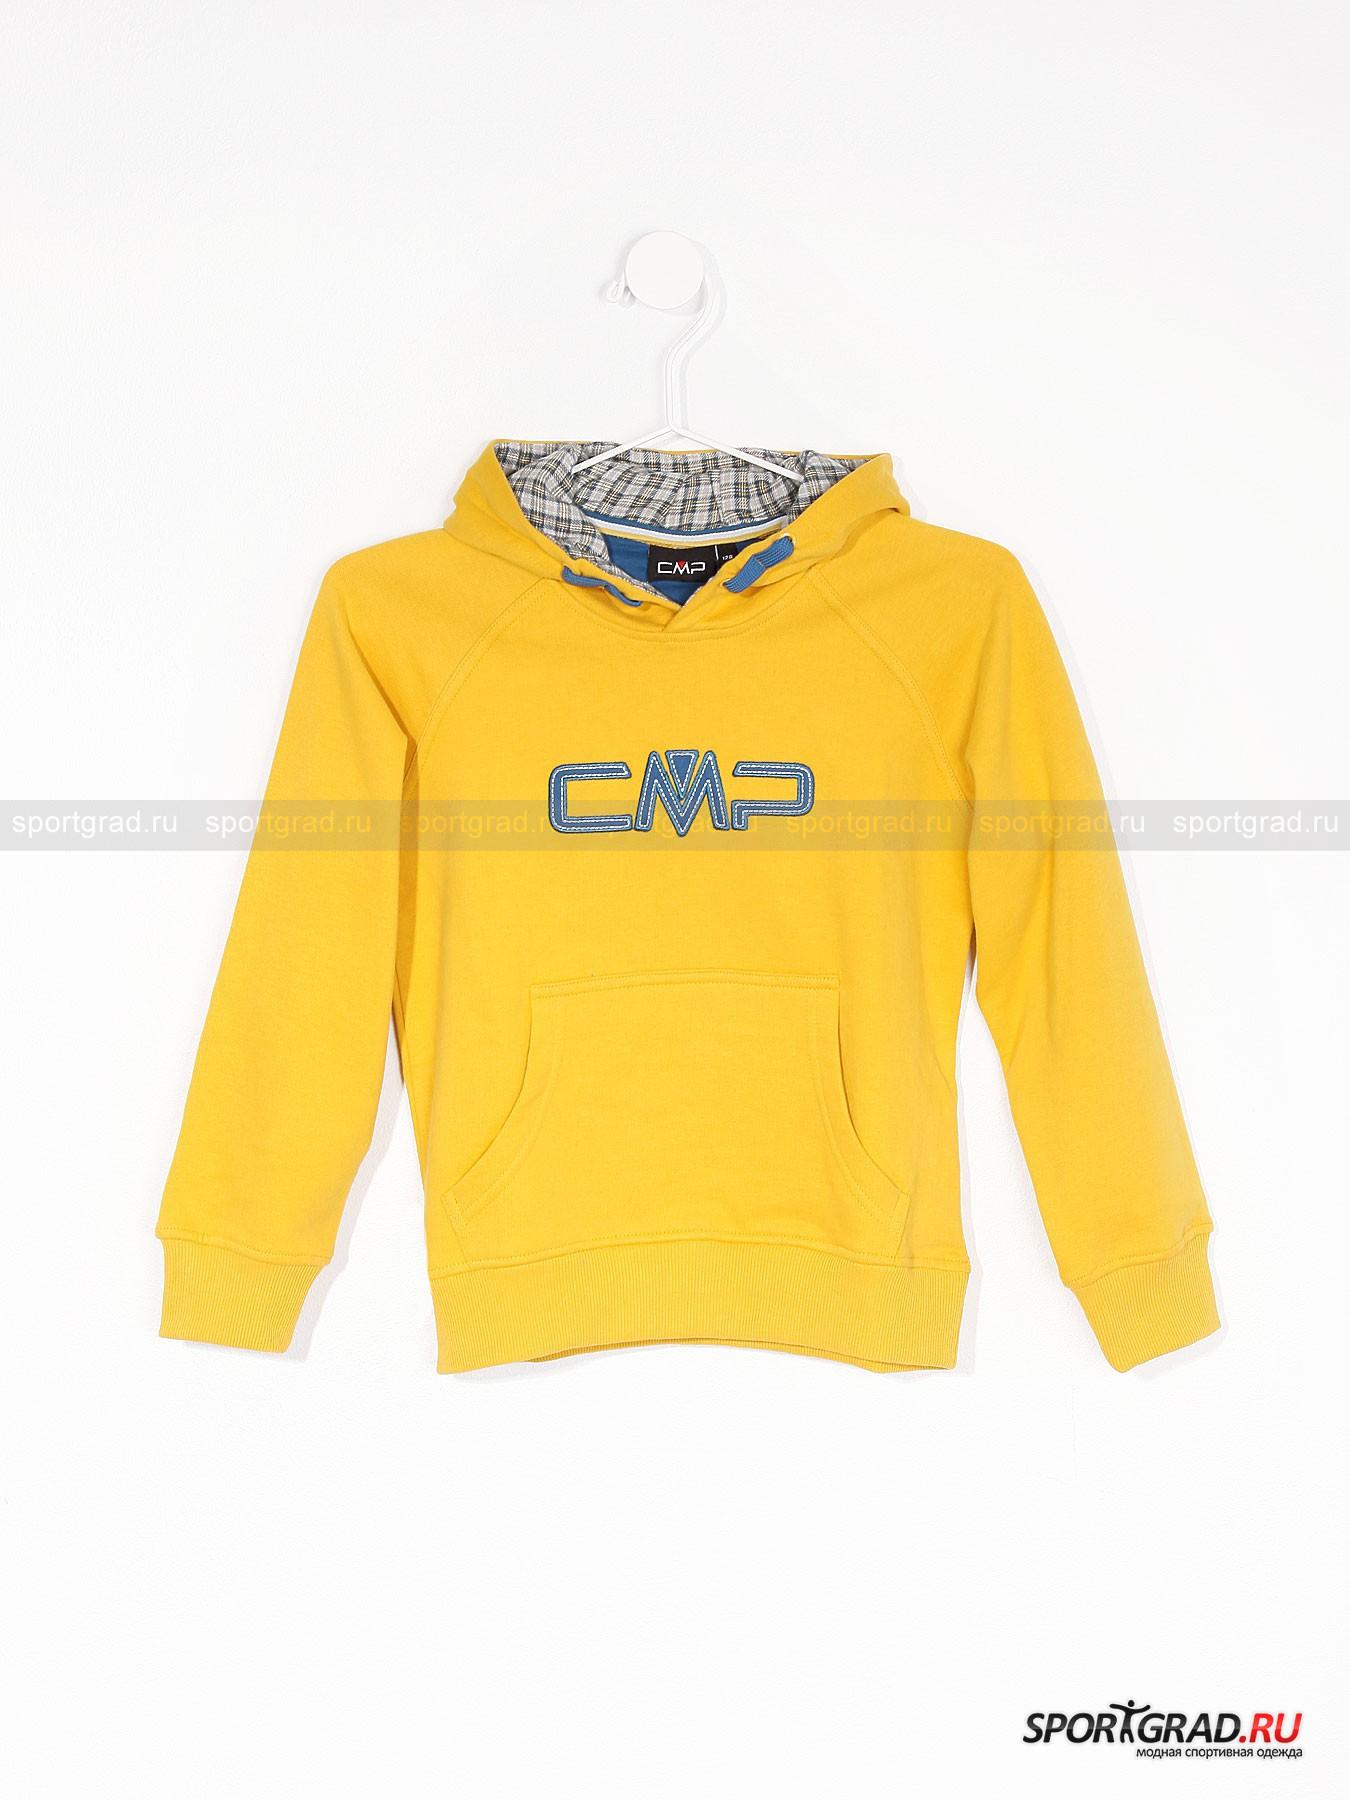 Толстовка для мальчиков CMPТолстовки<br>Красивая и качественная толстовка-худи от CMP – отличный повседневный выбор для маленьких модников. Такая толстовка универсальна: летом ее можно использовать в качестве верхней одежды, а зимой она заменит свитер. <br><br>Материал, из которого сделана эта вещь, потрясающе мягкий и приятный на ощупь. Модель довольно теплая, она снабжена мягкой пушистой подкладкой.<br><br>Другие особенности:<br>- капюшон с клетчатой внутренней стороной;<br>- один карман с двумя отверстиями для рук;<br>- большой логотип марки;<br>- трикотажный пояс и манжеты;<br>- свободный крой.<br><br>Возраст: Детский<br>Тип: Толстовки<br>Рекомендации по уходу: деликатная стирка в теплой воде до 40 С; не отбеливать; гладить слегка нагретым утюгом (температура до 110 C); разрешена химическая чистка влажным способом; нельзя выжимать и сушить в стиральной машине<br>Состав: 80% хлопок, 20% полиэстер